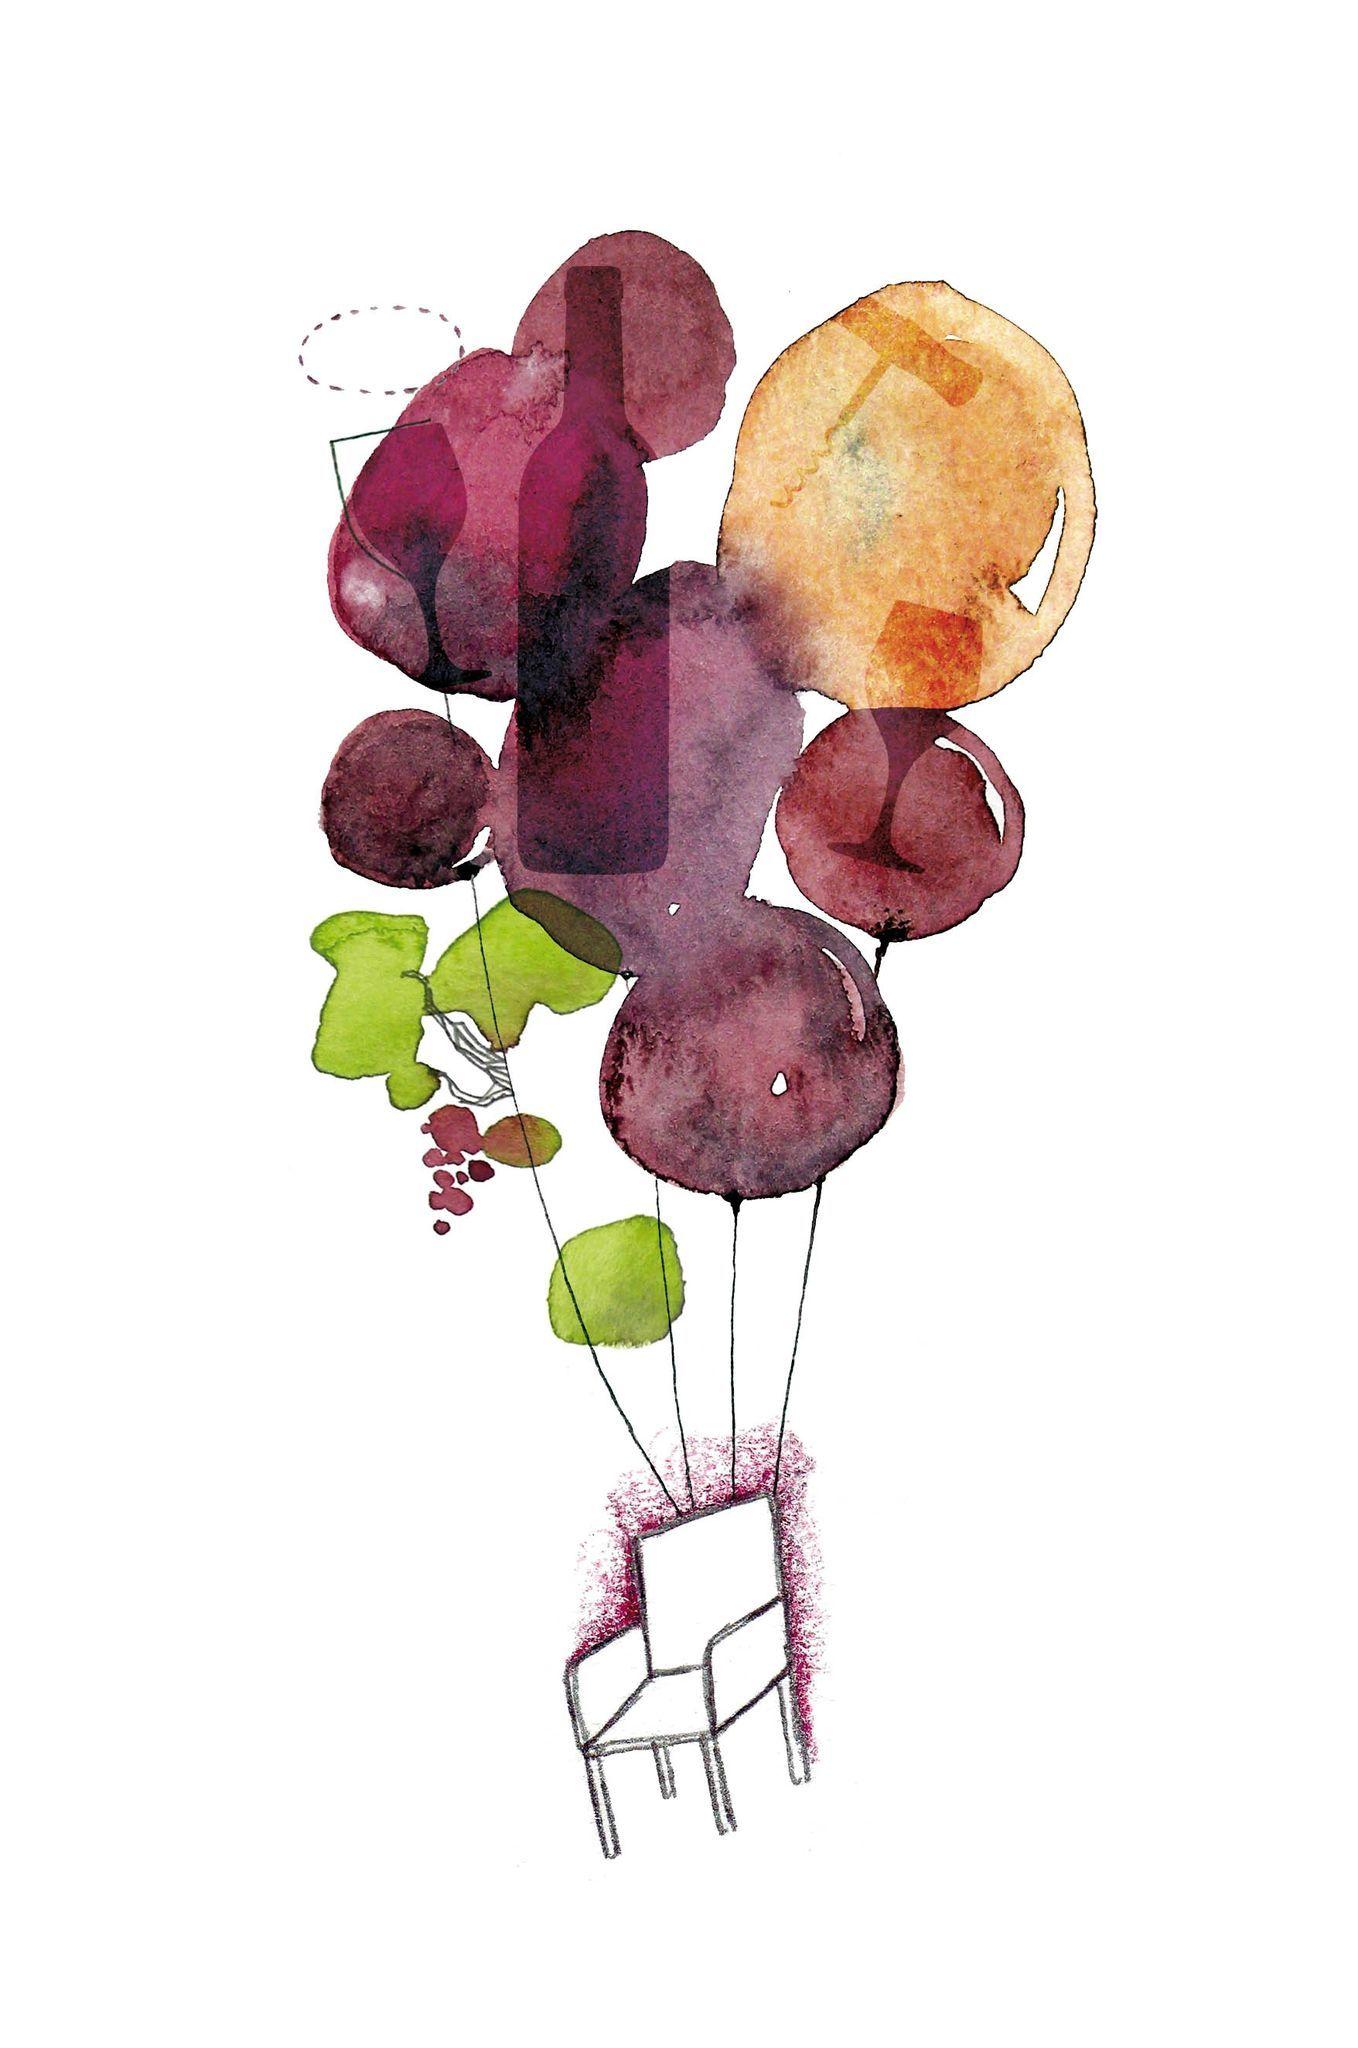 Eau De Vin Les Chosettes Aquarelle Et Encre Illustration